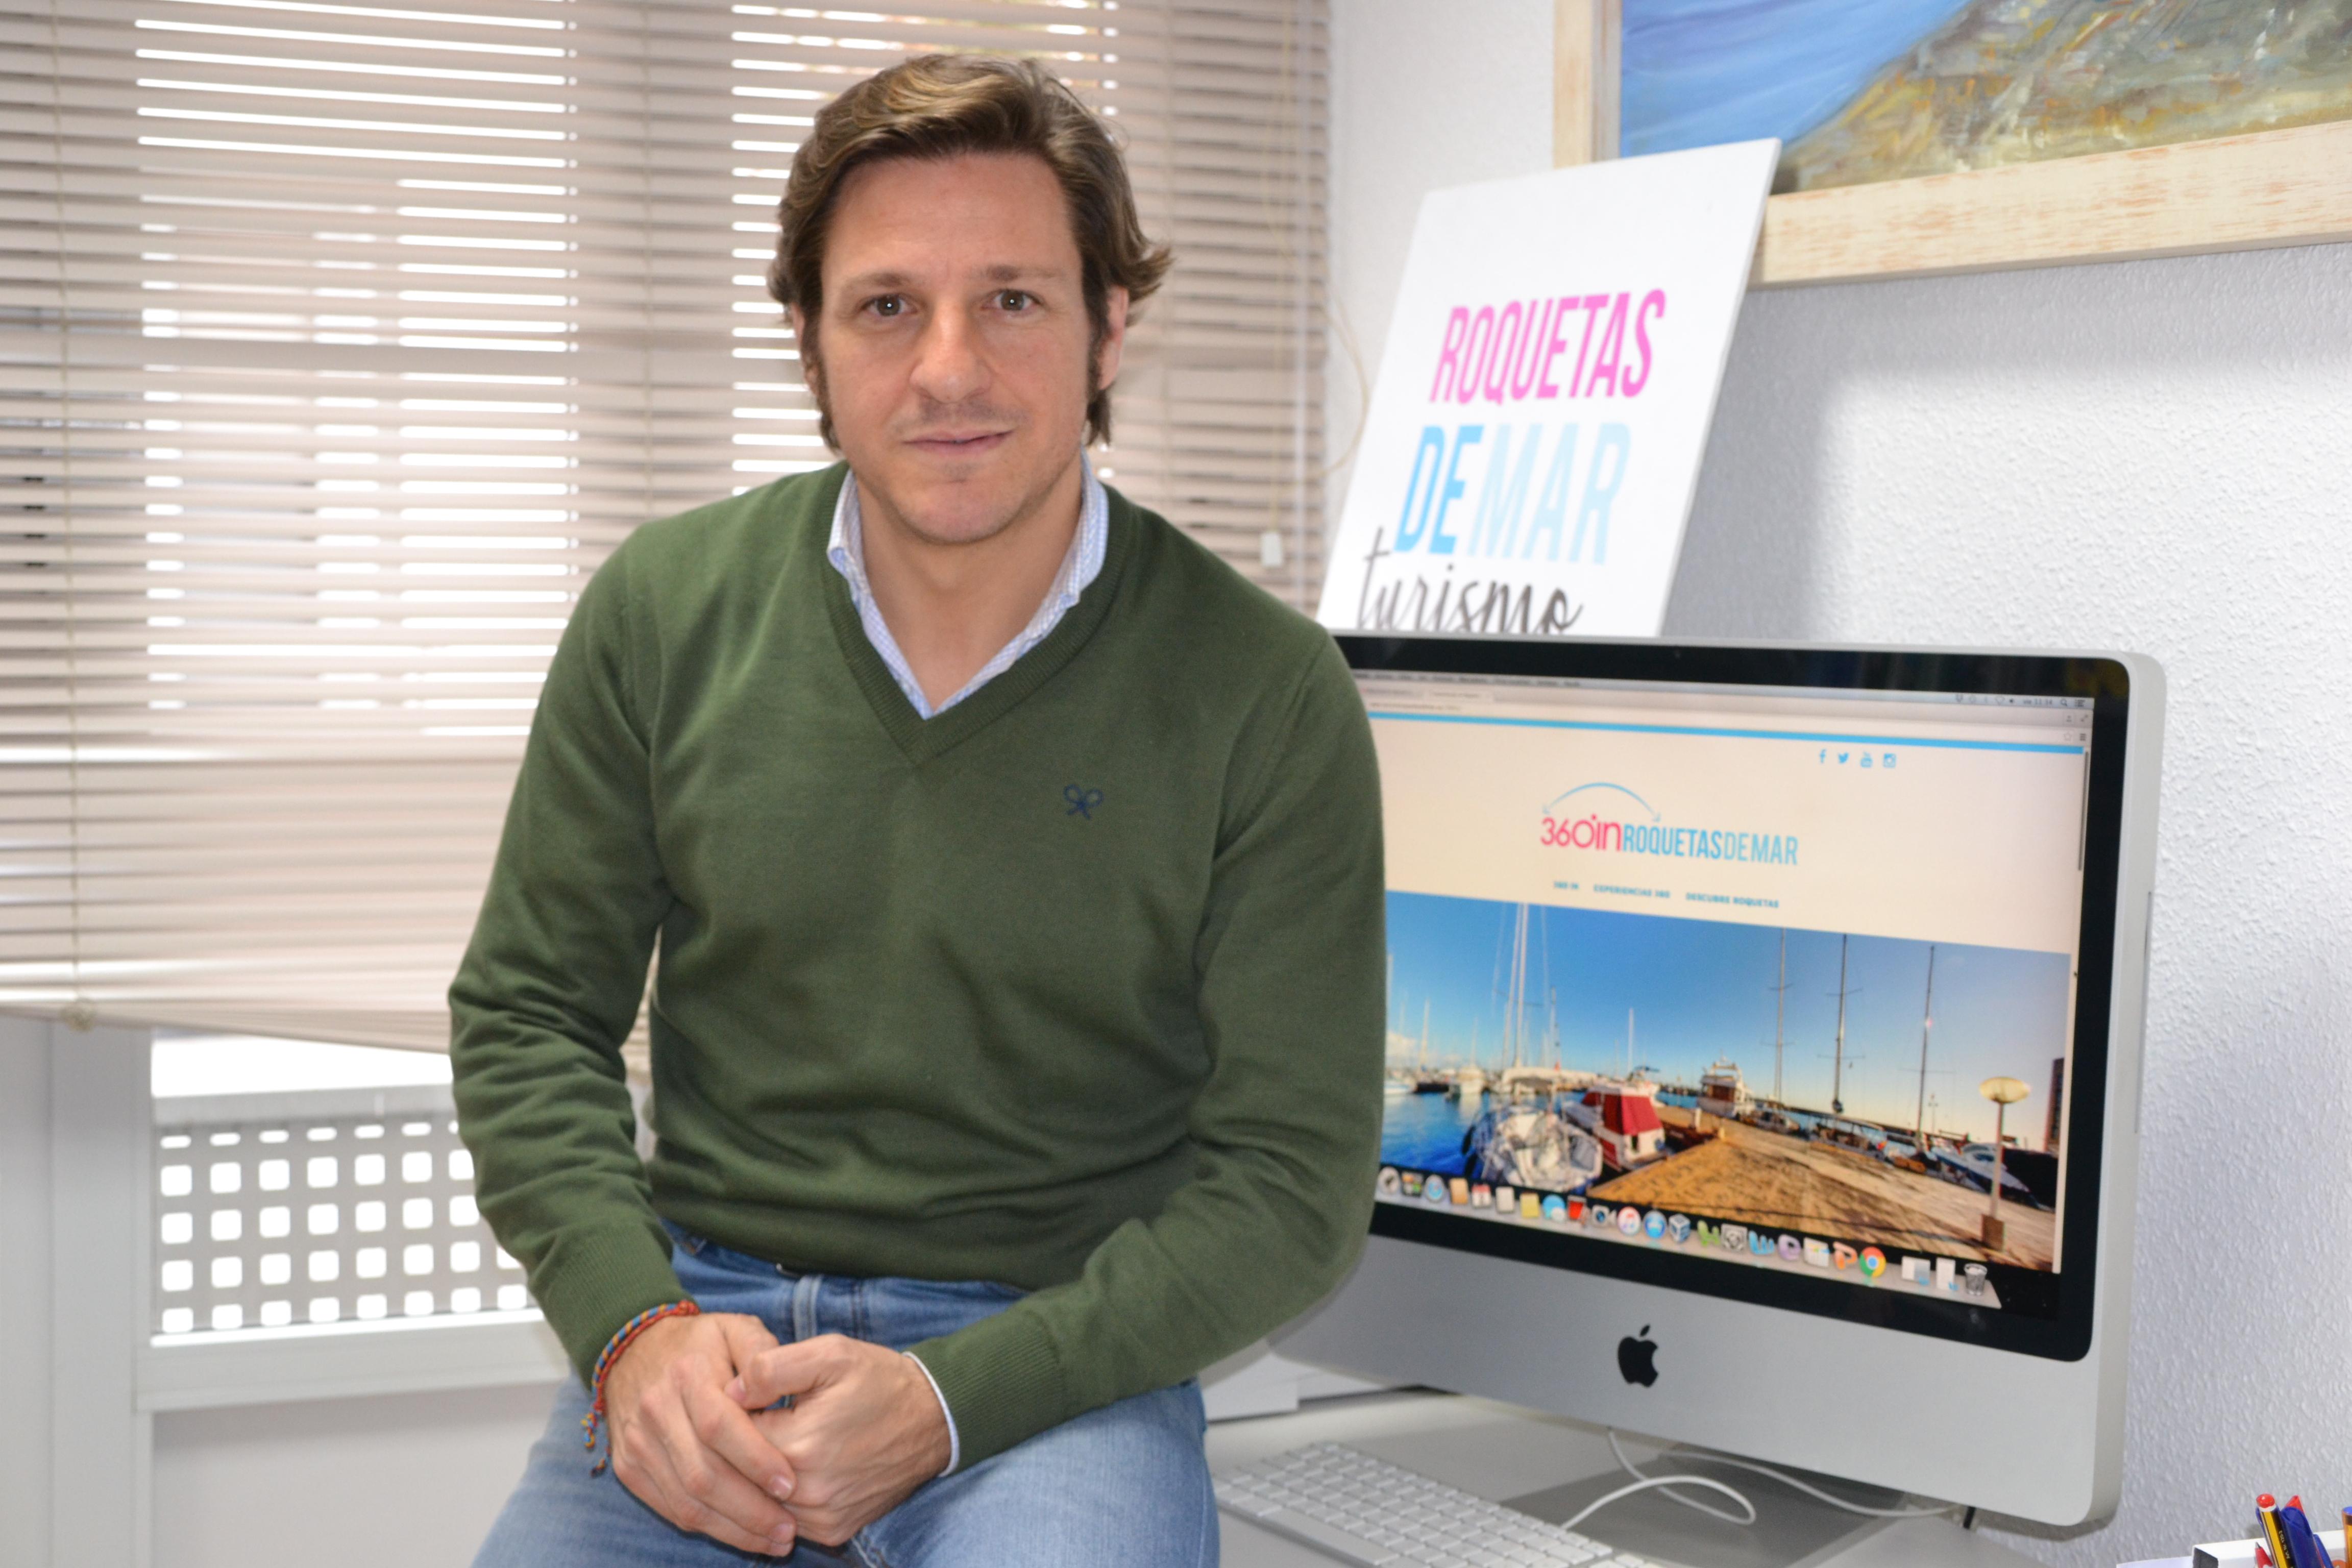 """Turismo promociona """"360in Roquetas de Mar"""" en Alemania"""